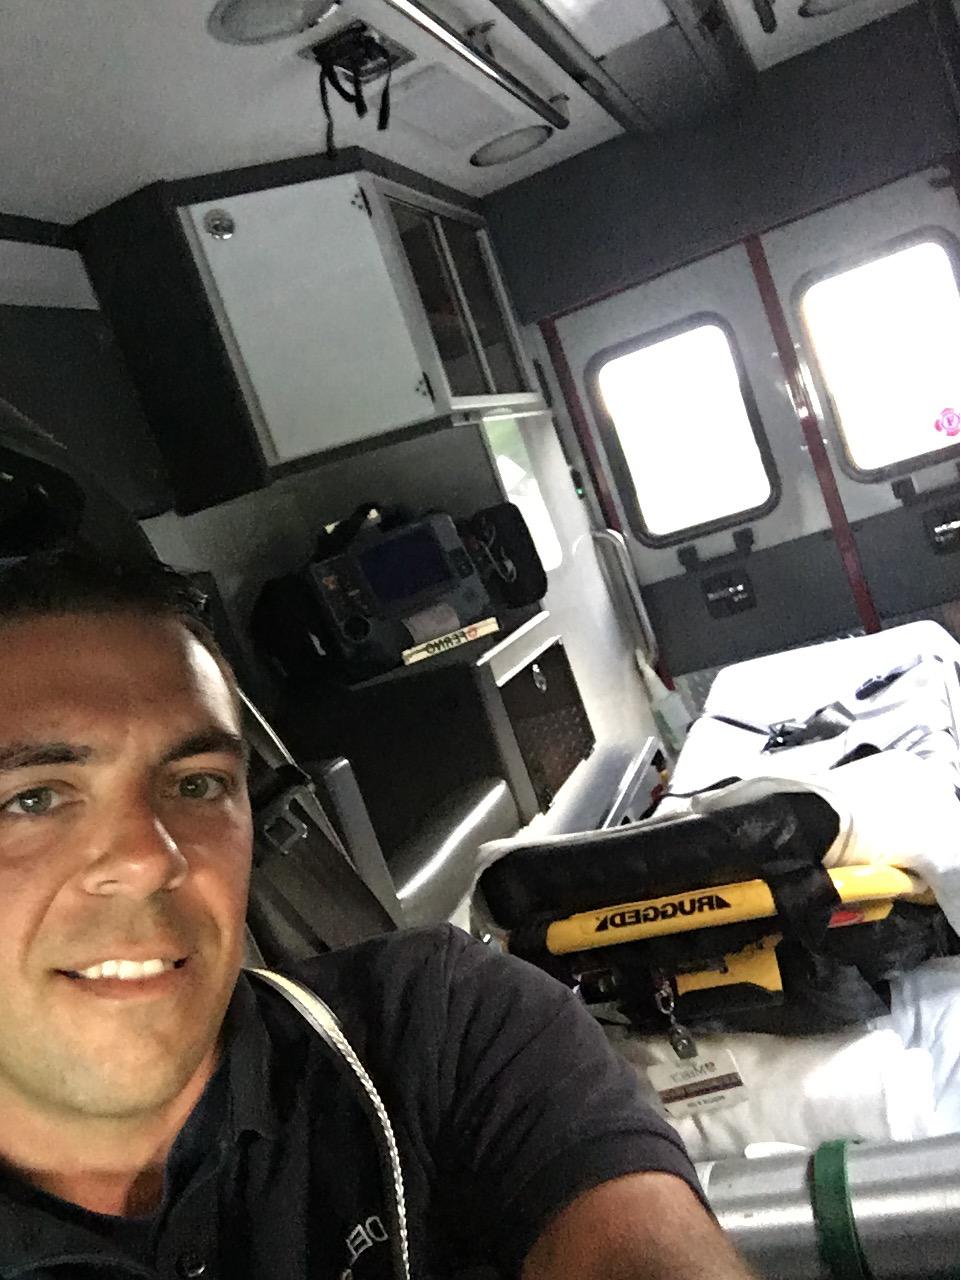 Fundraiser by Jake DeLosh : Paramedic School Fund!Click here to support Paramedic School Fund! organized by Jake DeLosh - 웹